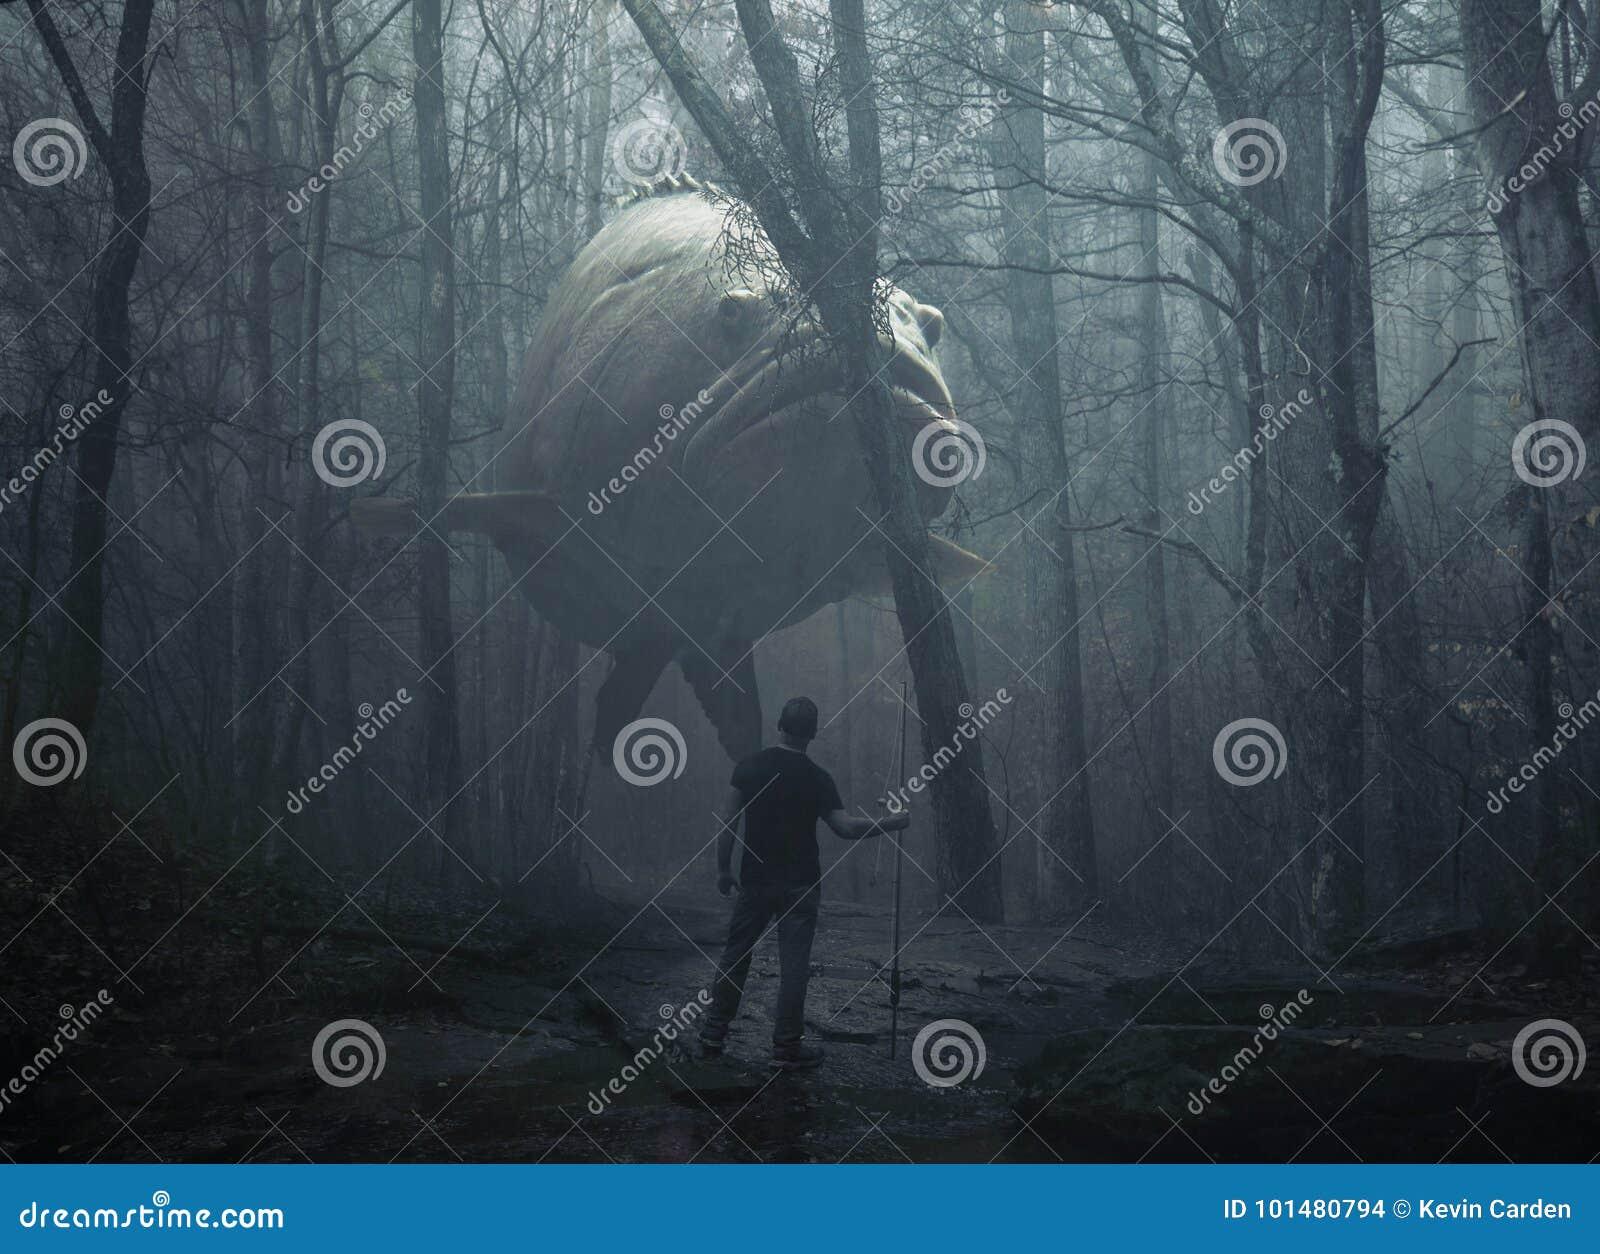 Grote vissen in het bos